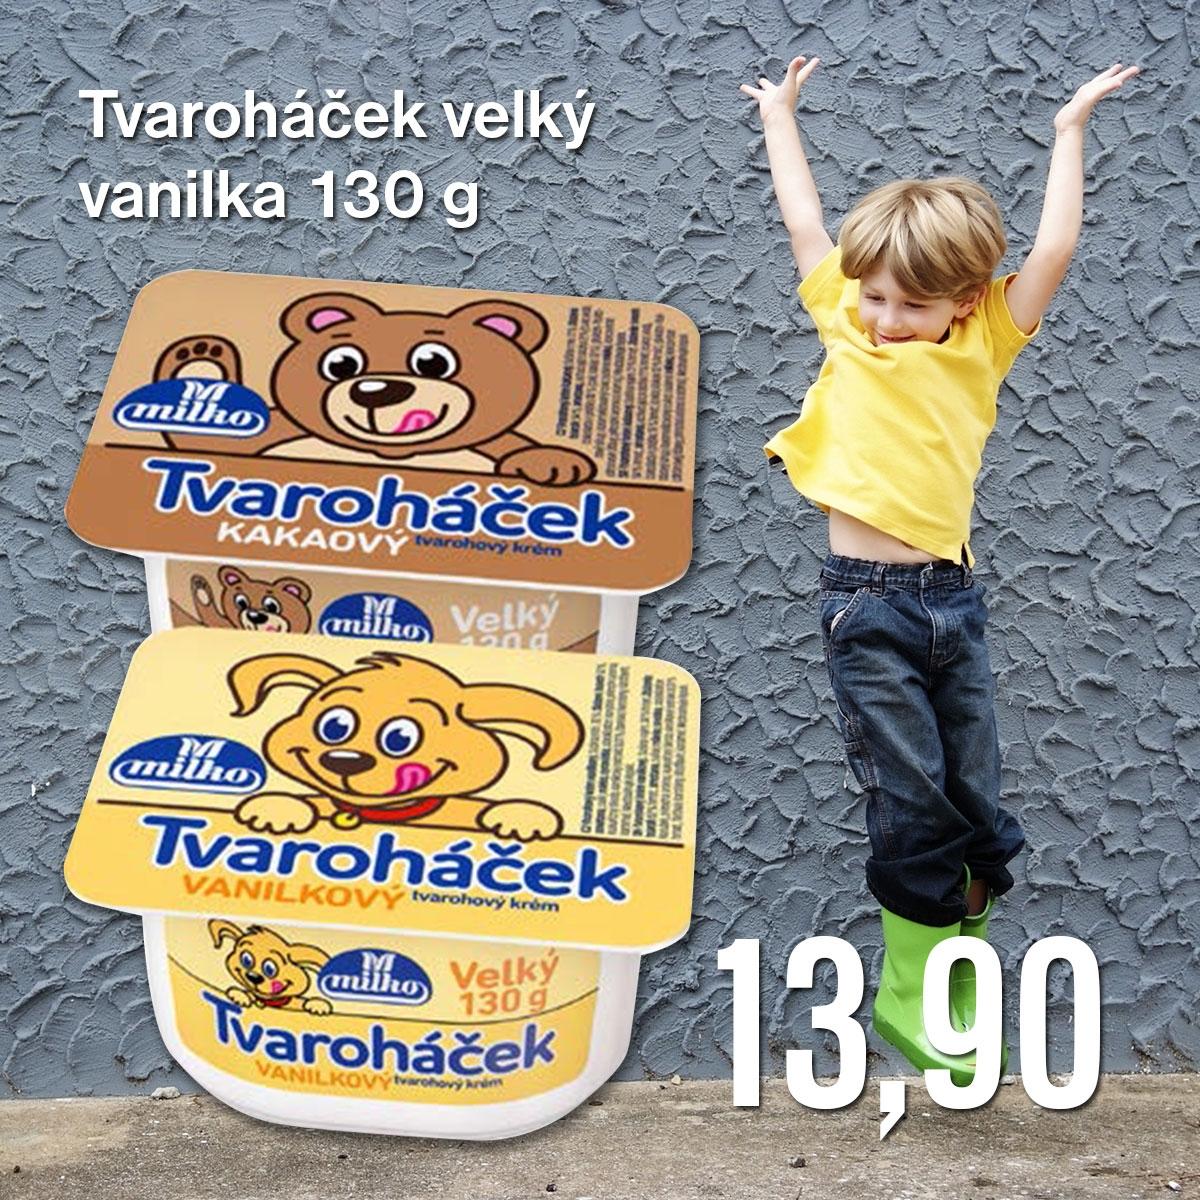 Tvaroháček velký vanilka 130 g